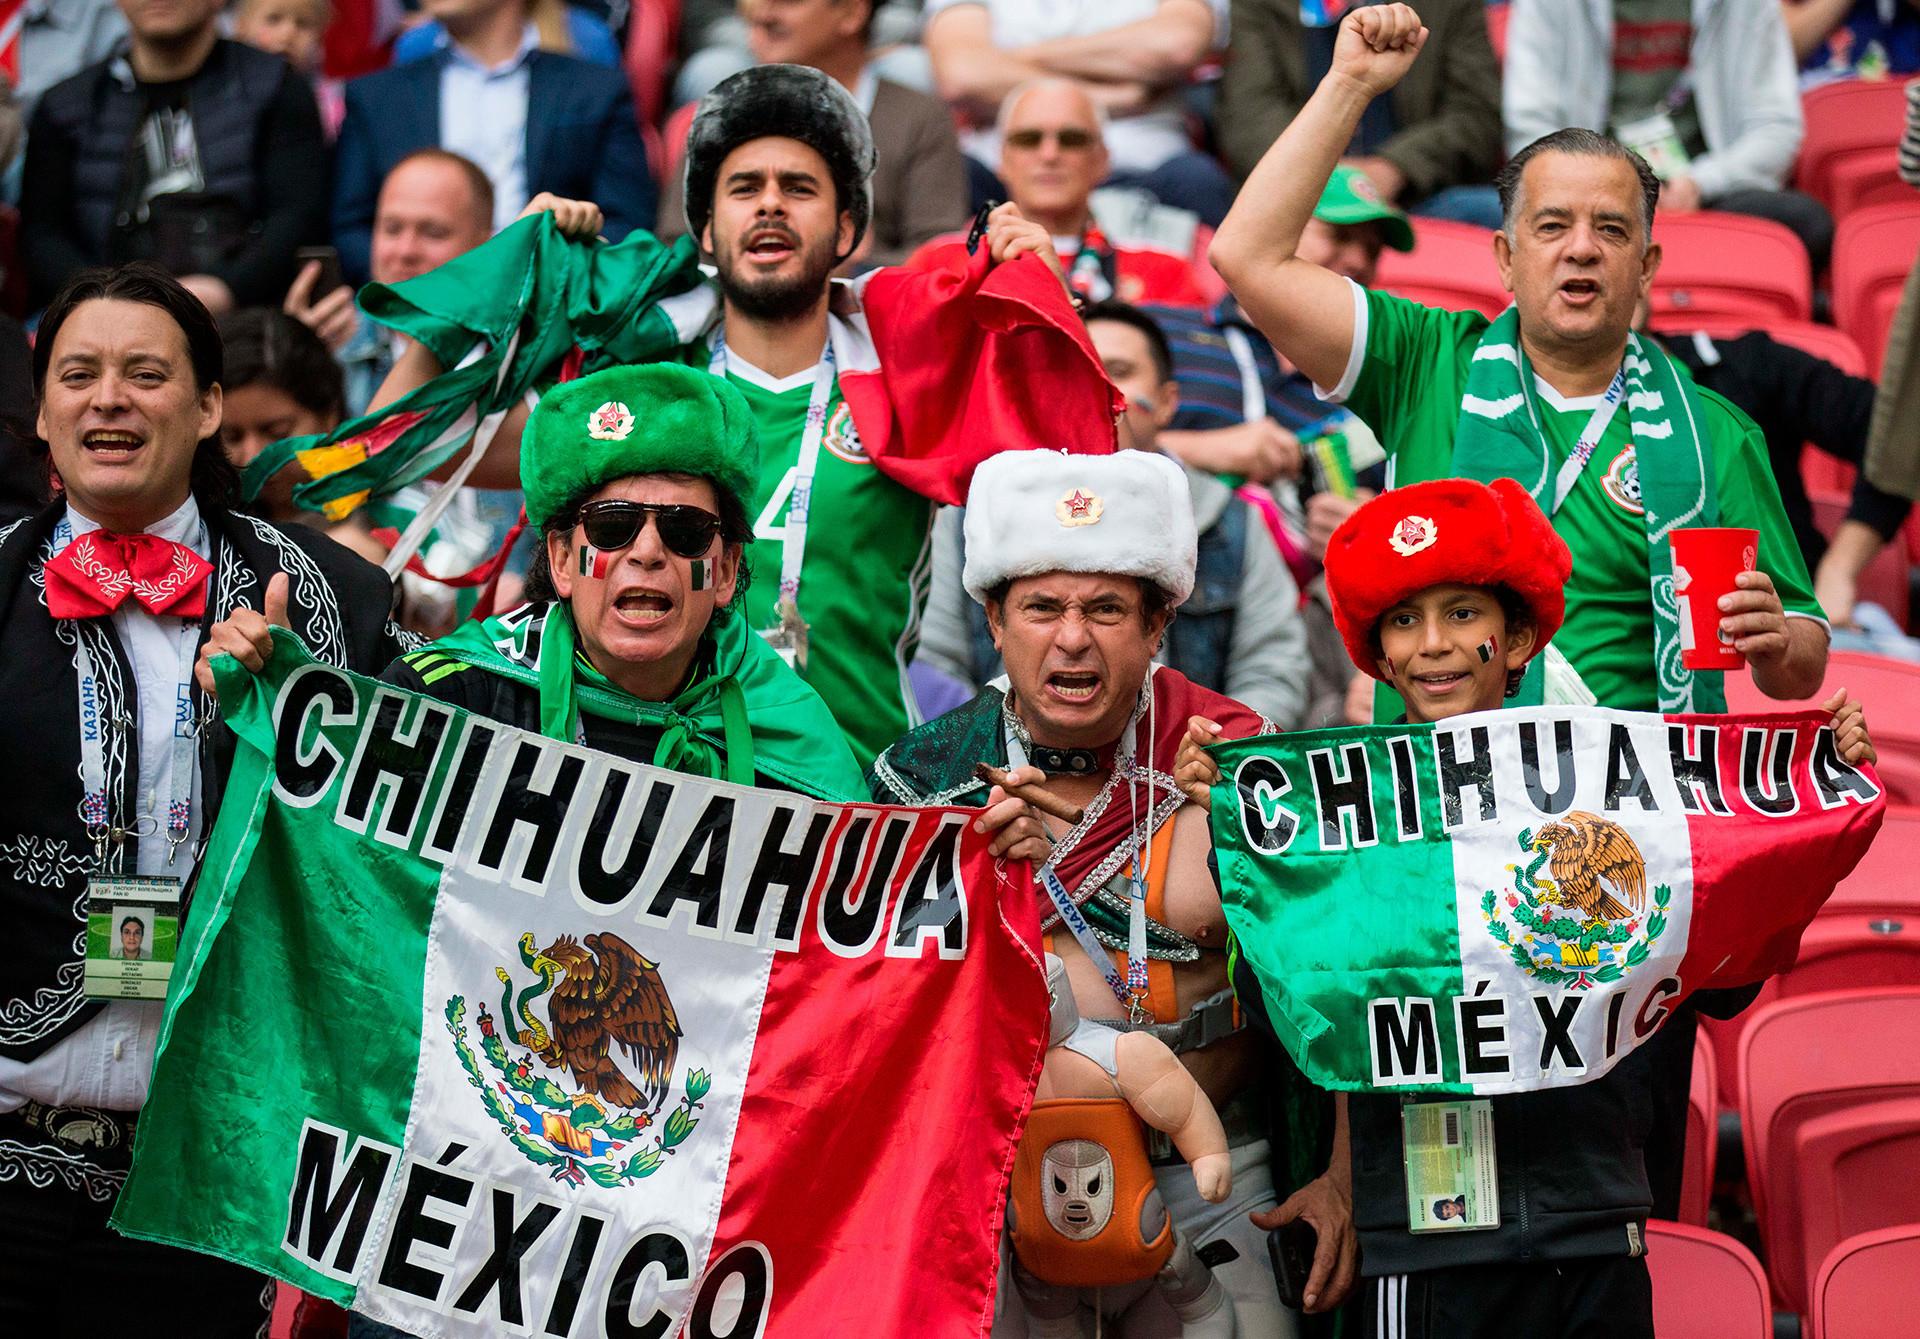 Torcedores em jogo da Rússia contra o México no Cazaquistão, durante a Copa das Confederações de 2017